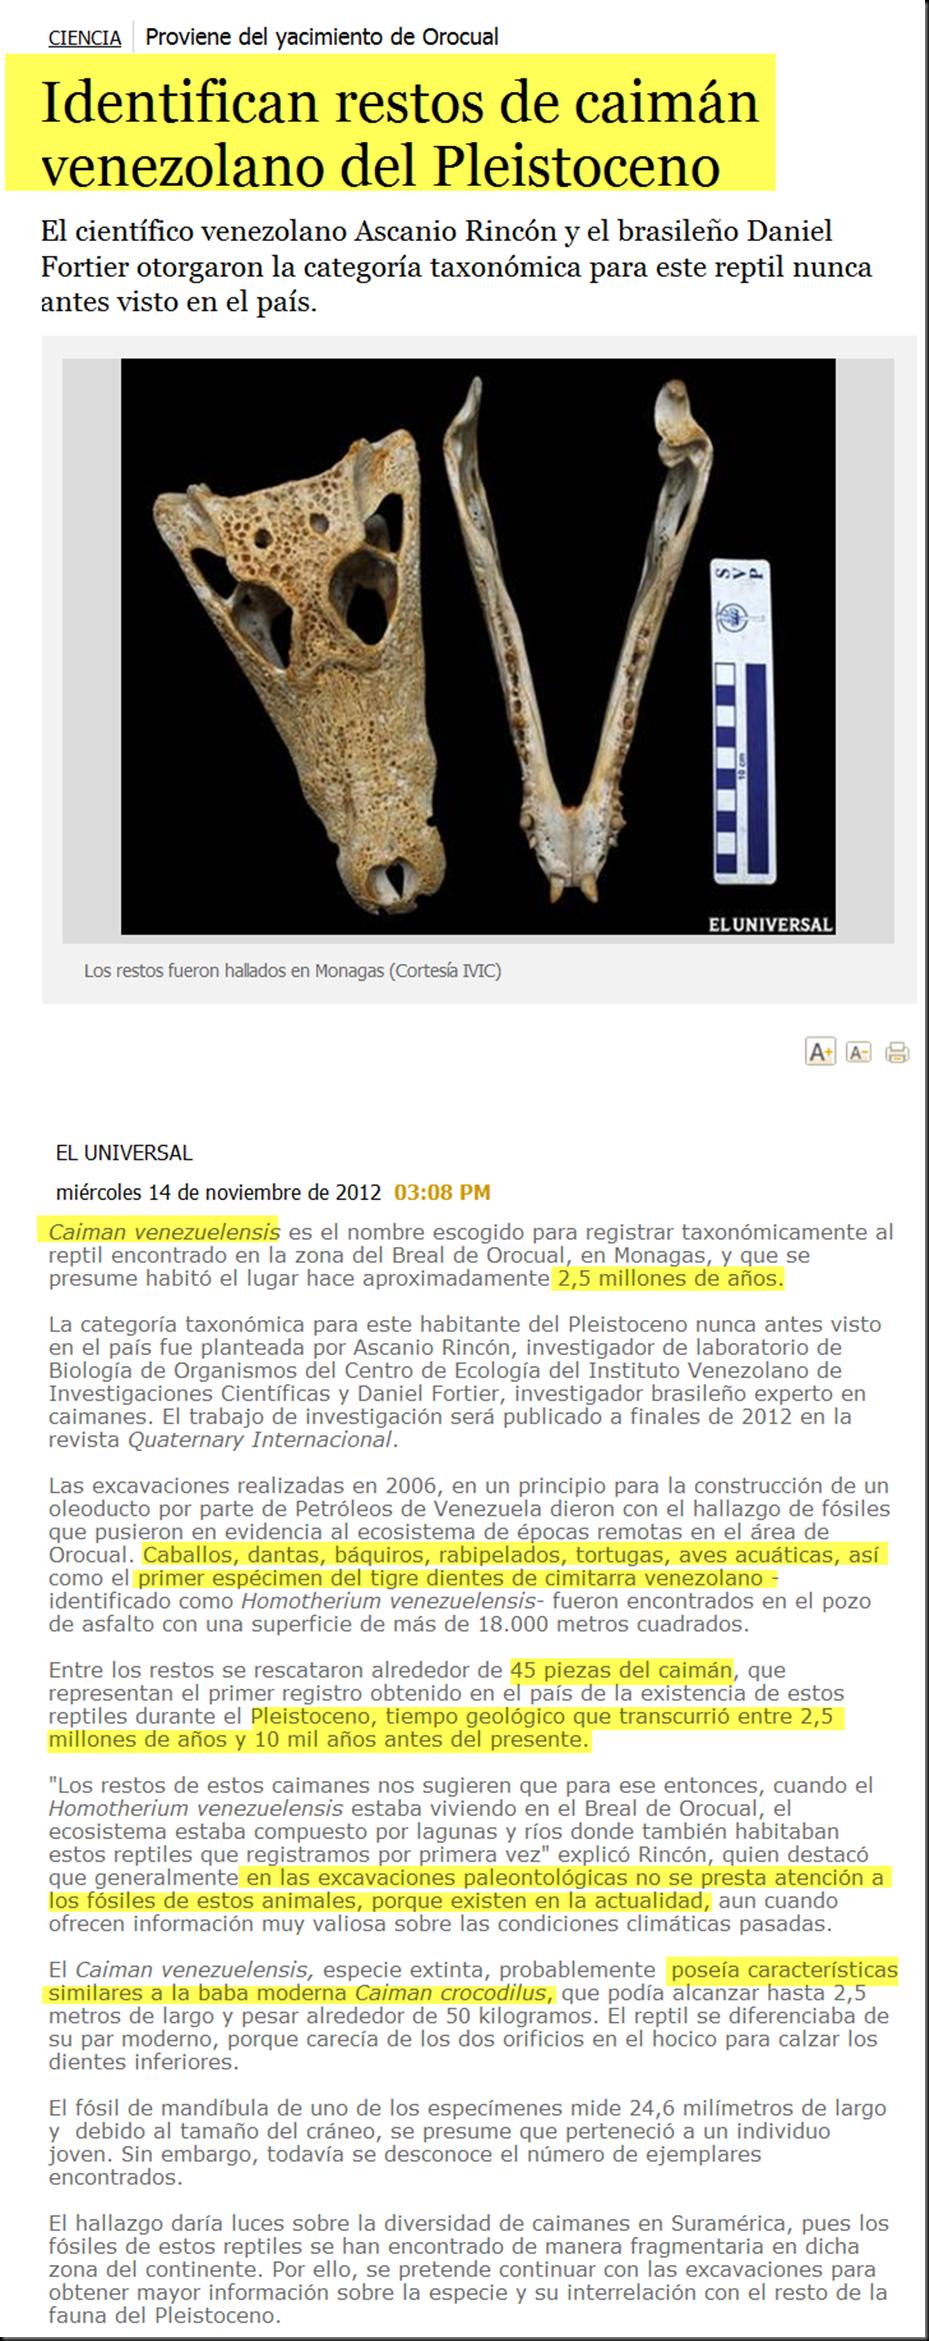 """El """"Caimán Venezuelenis"""" no evoluciono, es otro fósil viviente más Image_thumb30"""